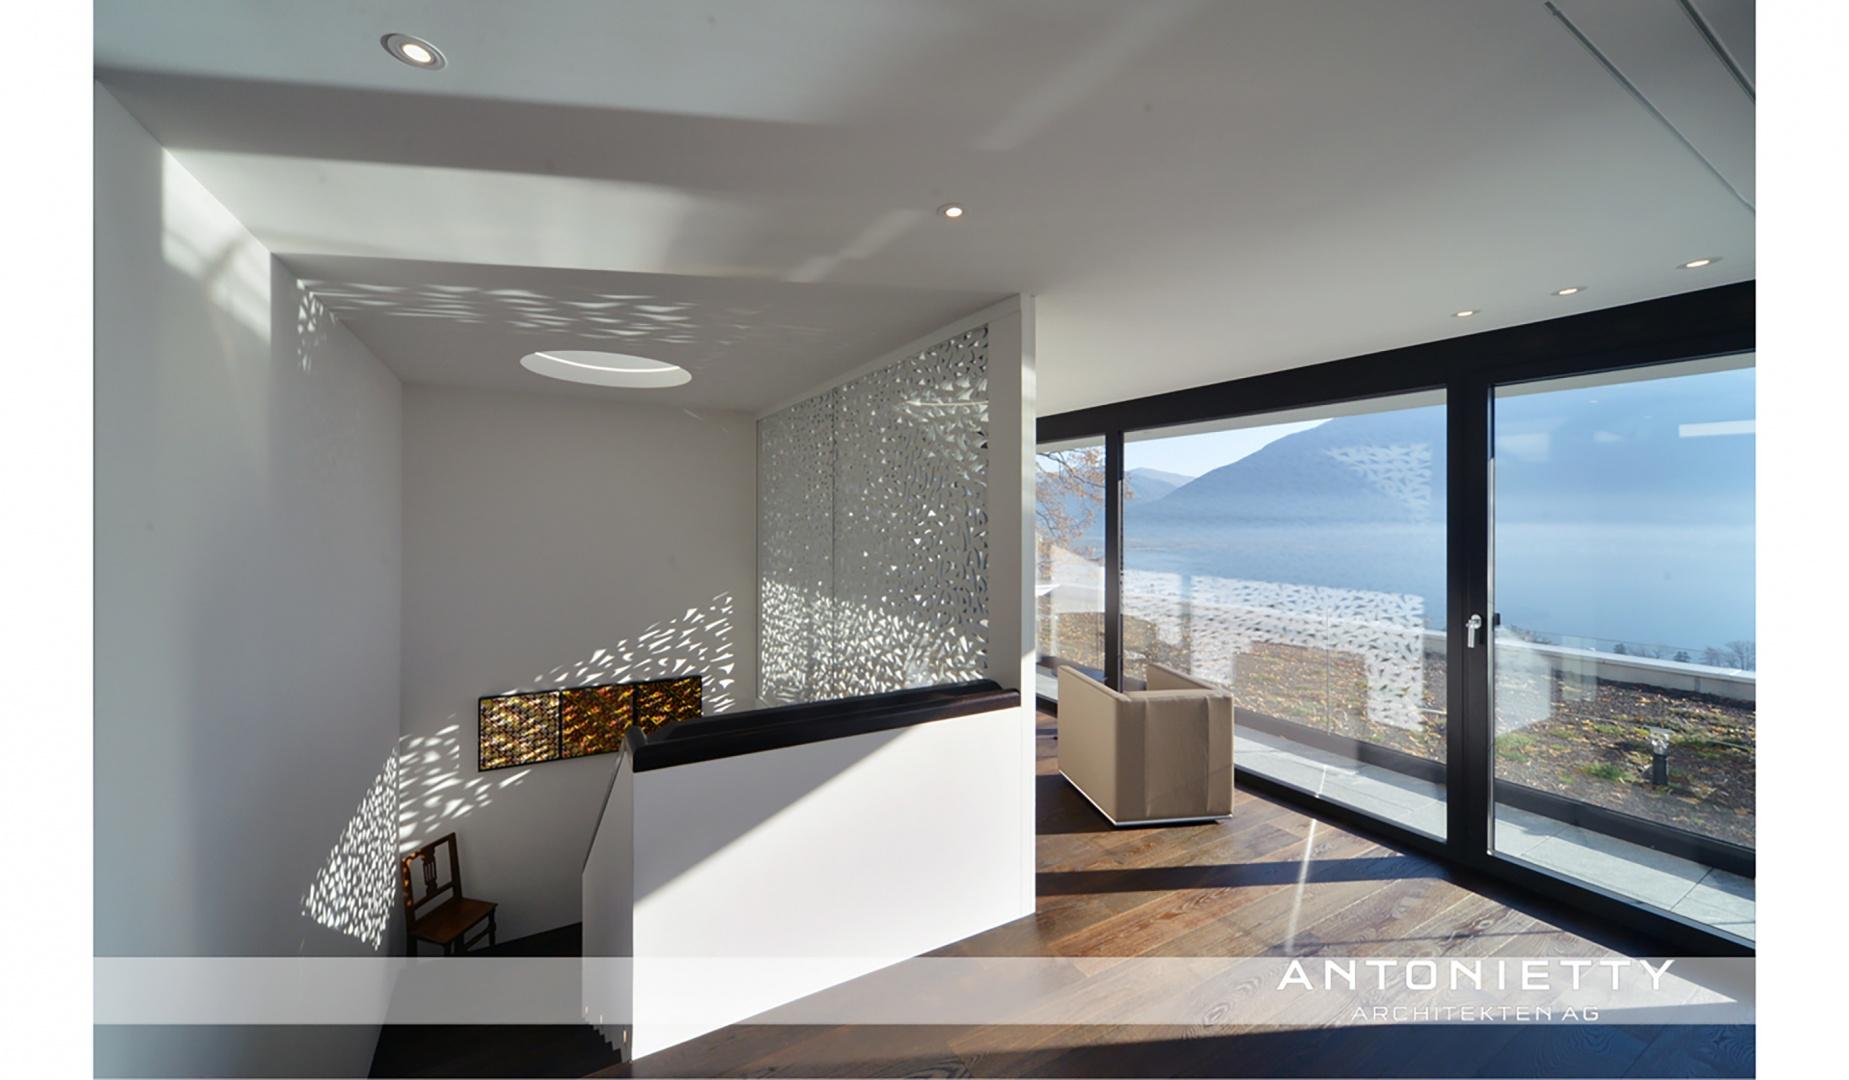 Treppe mit perforierter Wand © Carlos Antonietty, Antonietty Architekten AG, Bürgenstrasse 23, 6005 Luzern